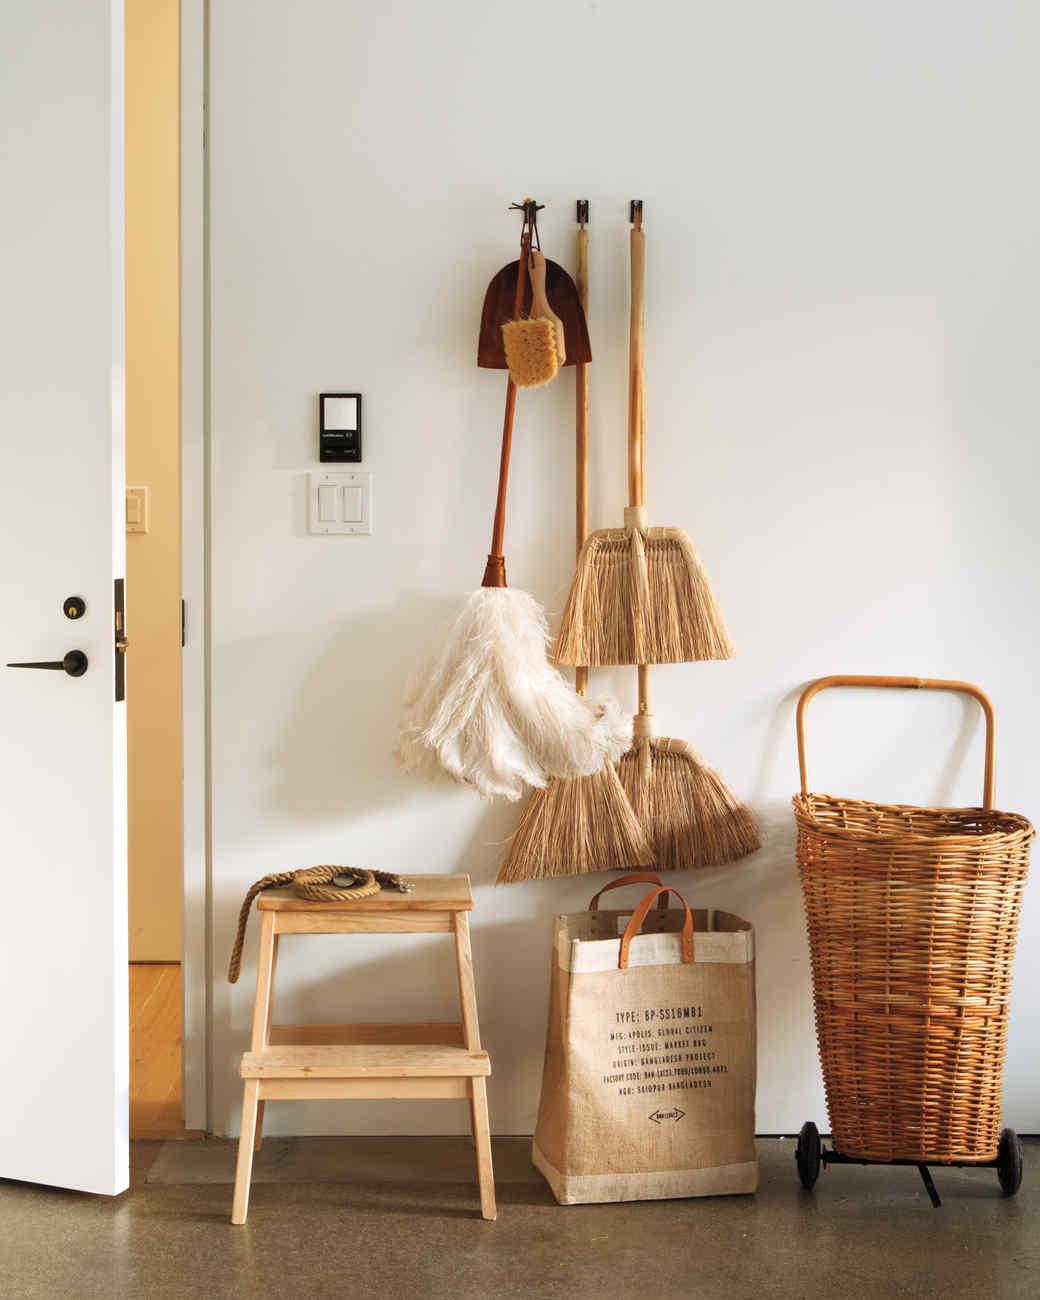 pantry-brooms-026-mld109599.jpg